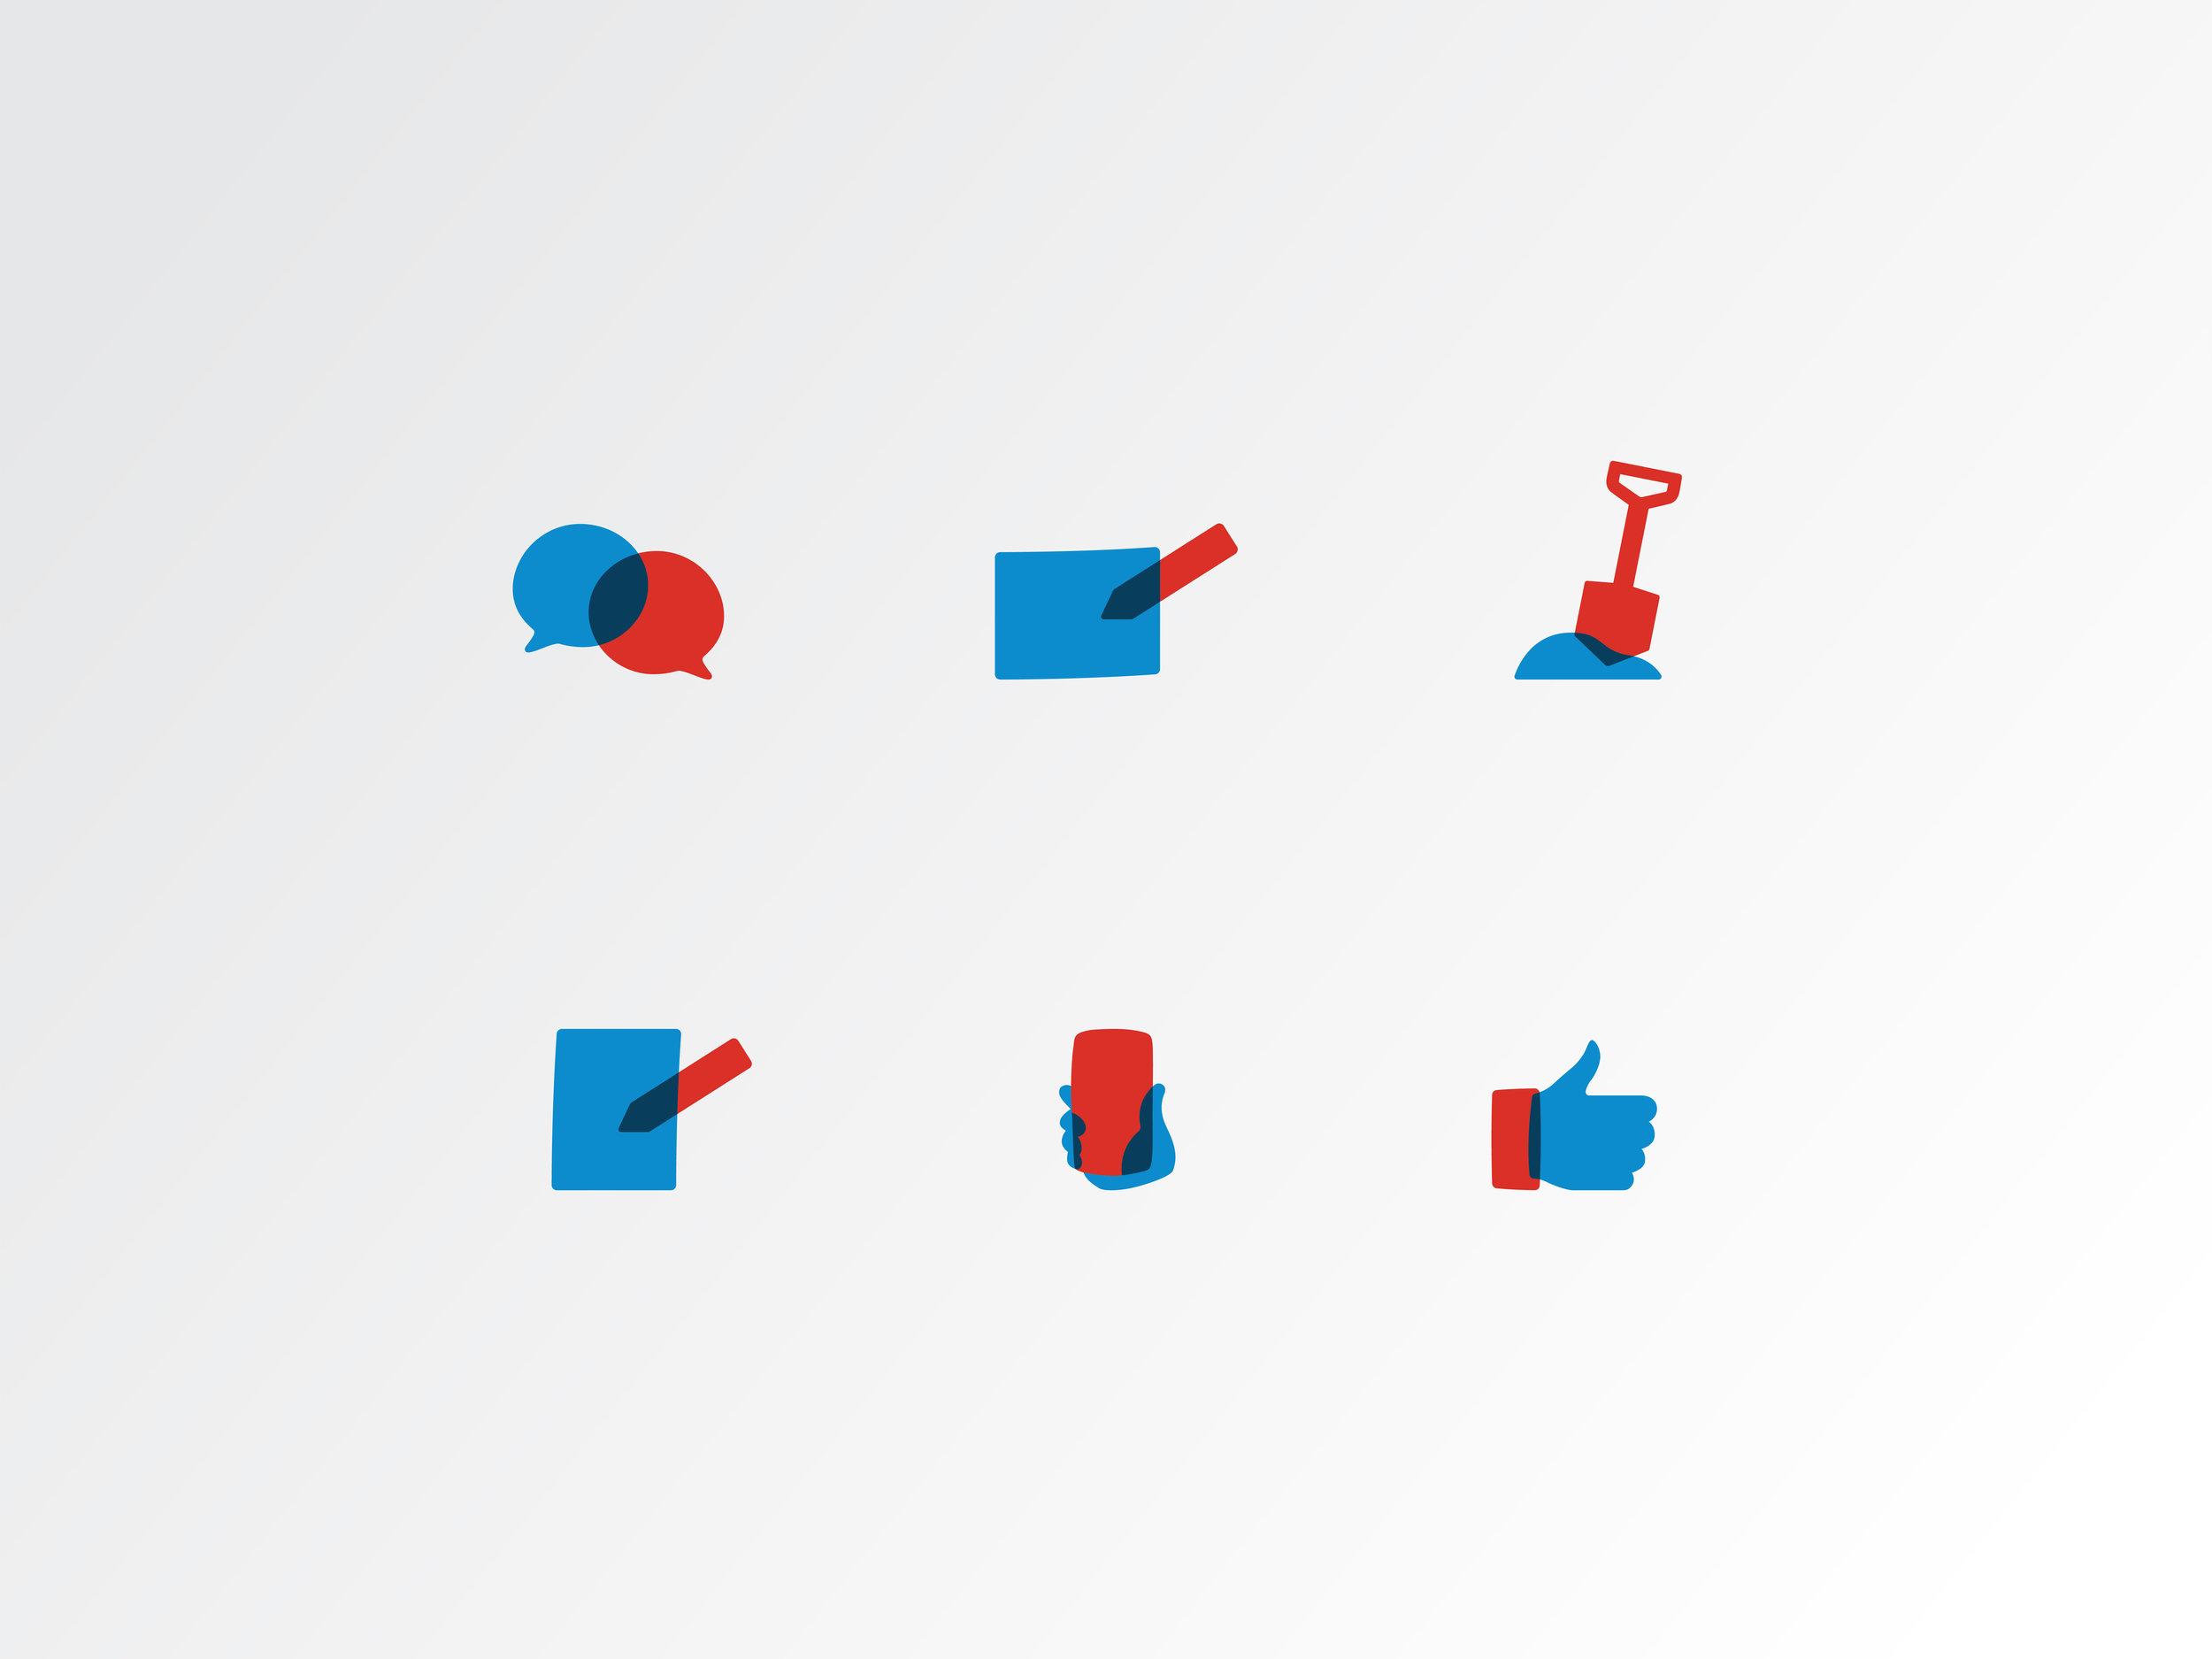 boco-icons-01.jpg